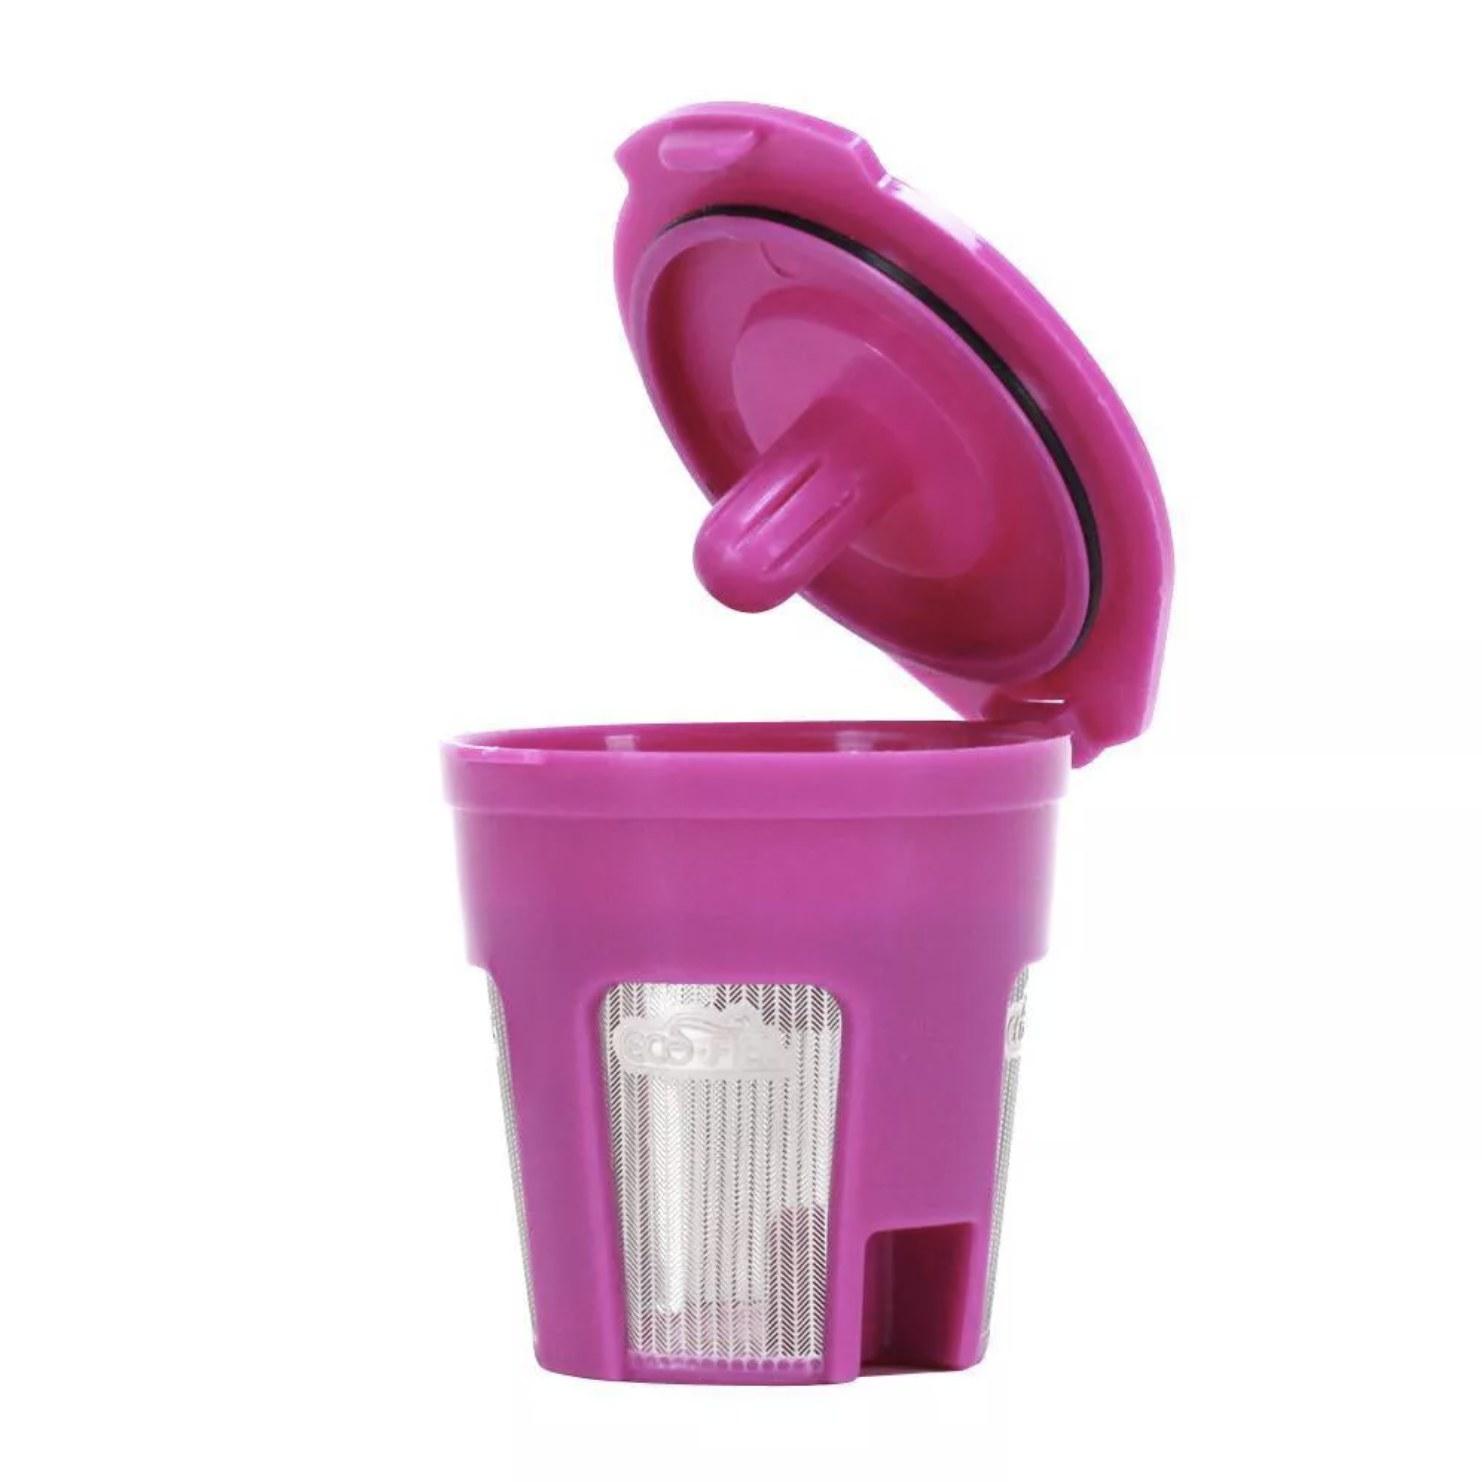 A pink reusable Keurig cup